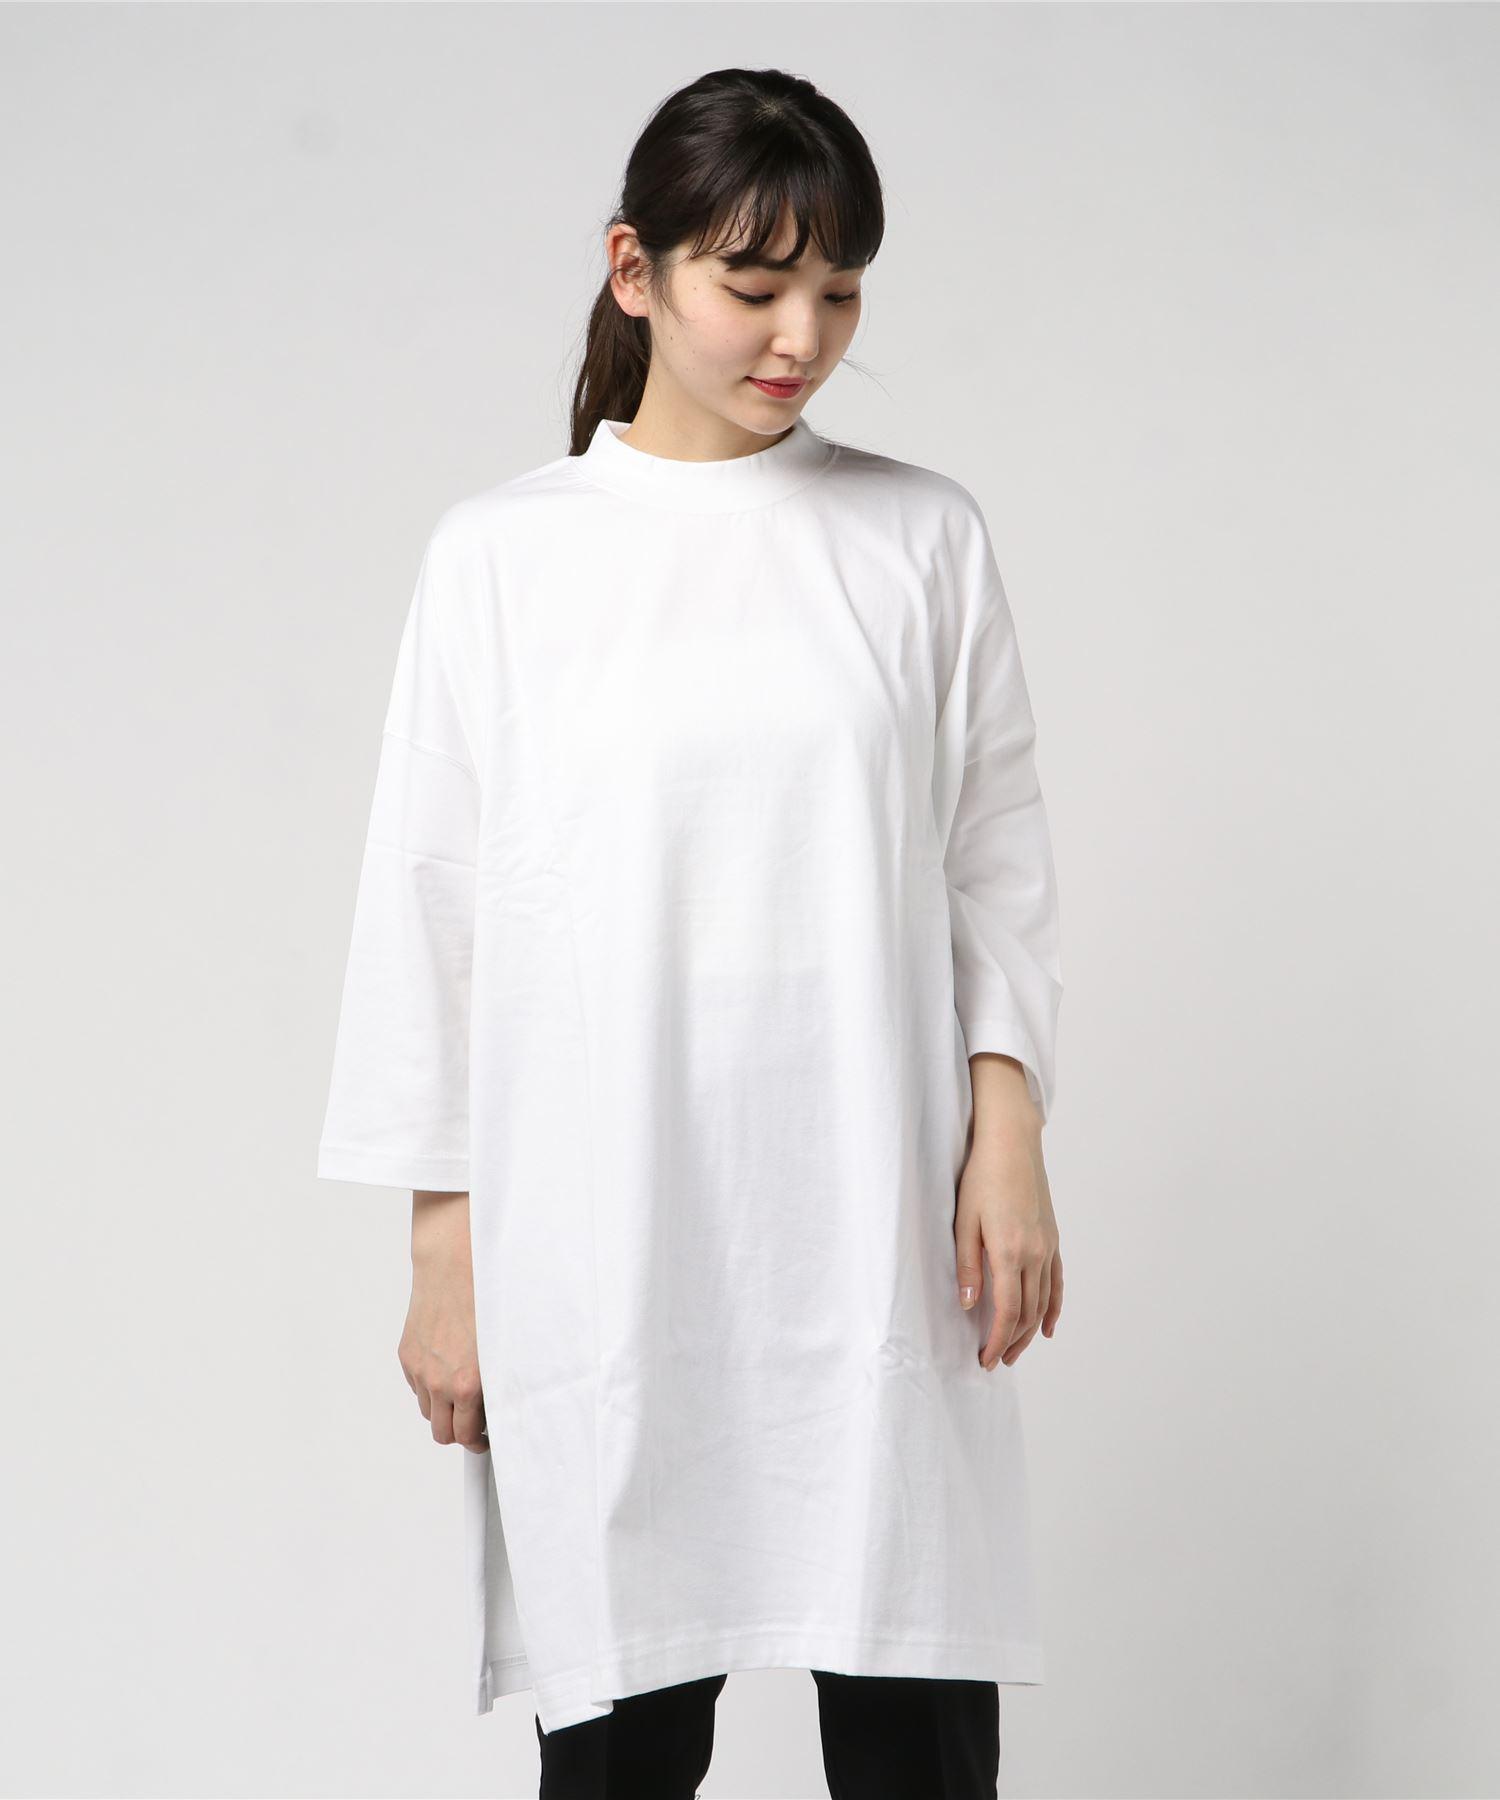 アメリカンラグシー AMERICAN RAG CIE / スリットドレス Slit Dress